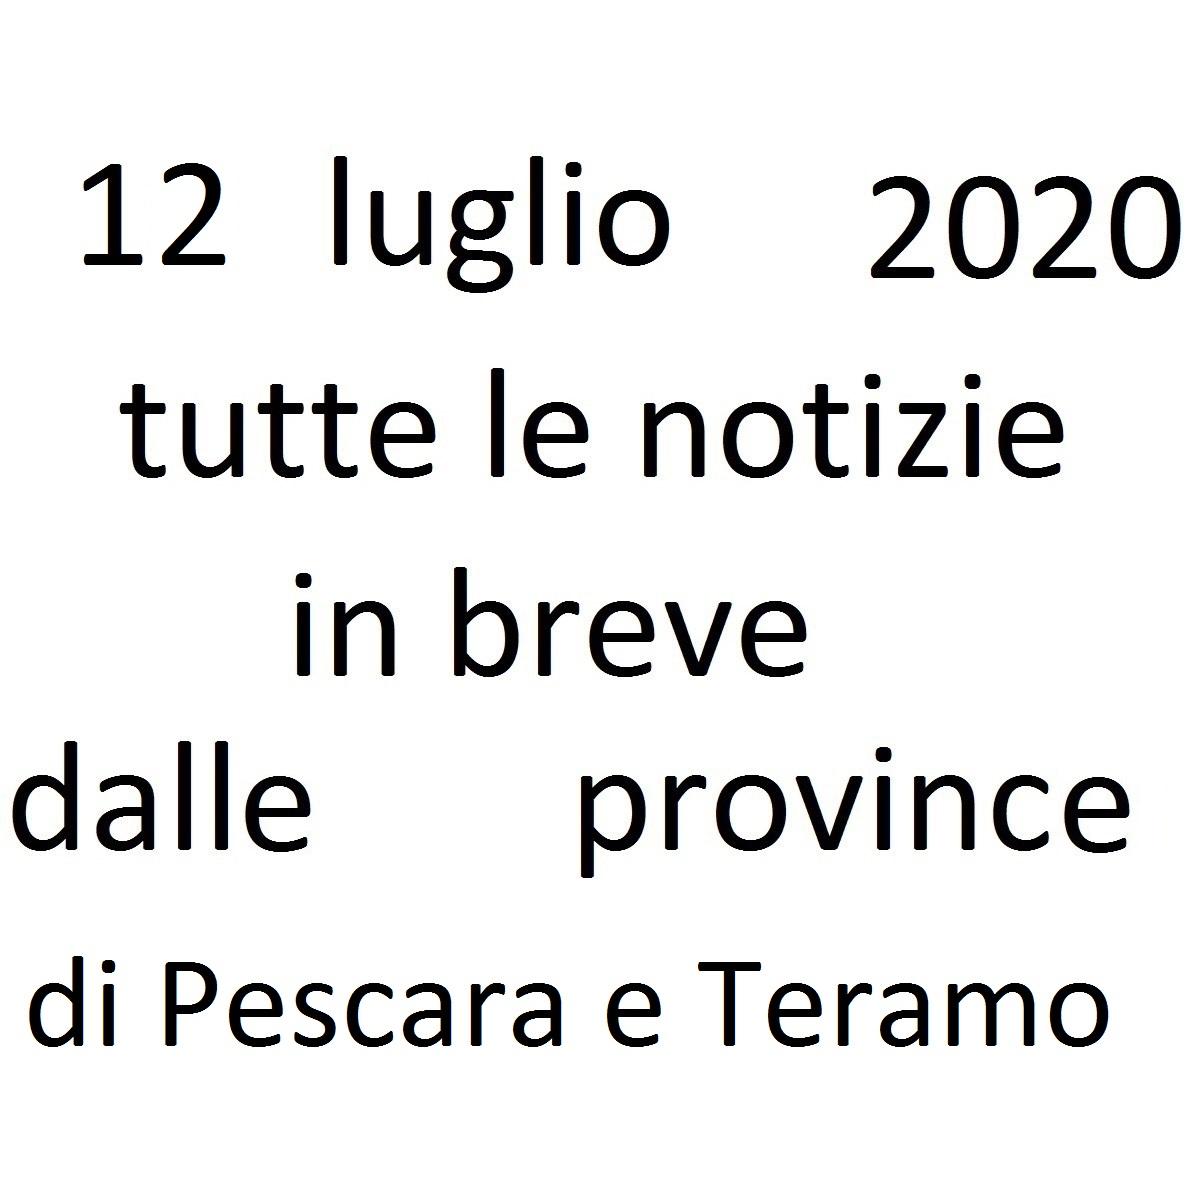 12 luglio 2020 notizie in breve dalle Province di Pescara e Teramo foto